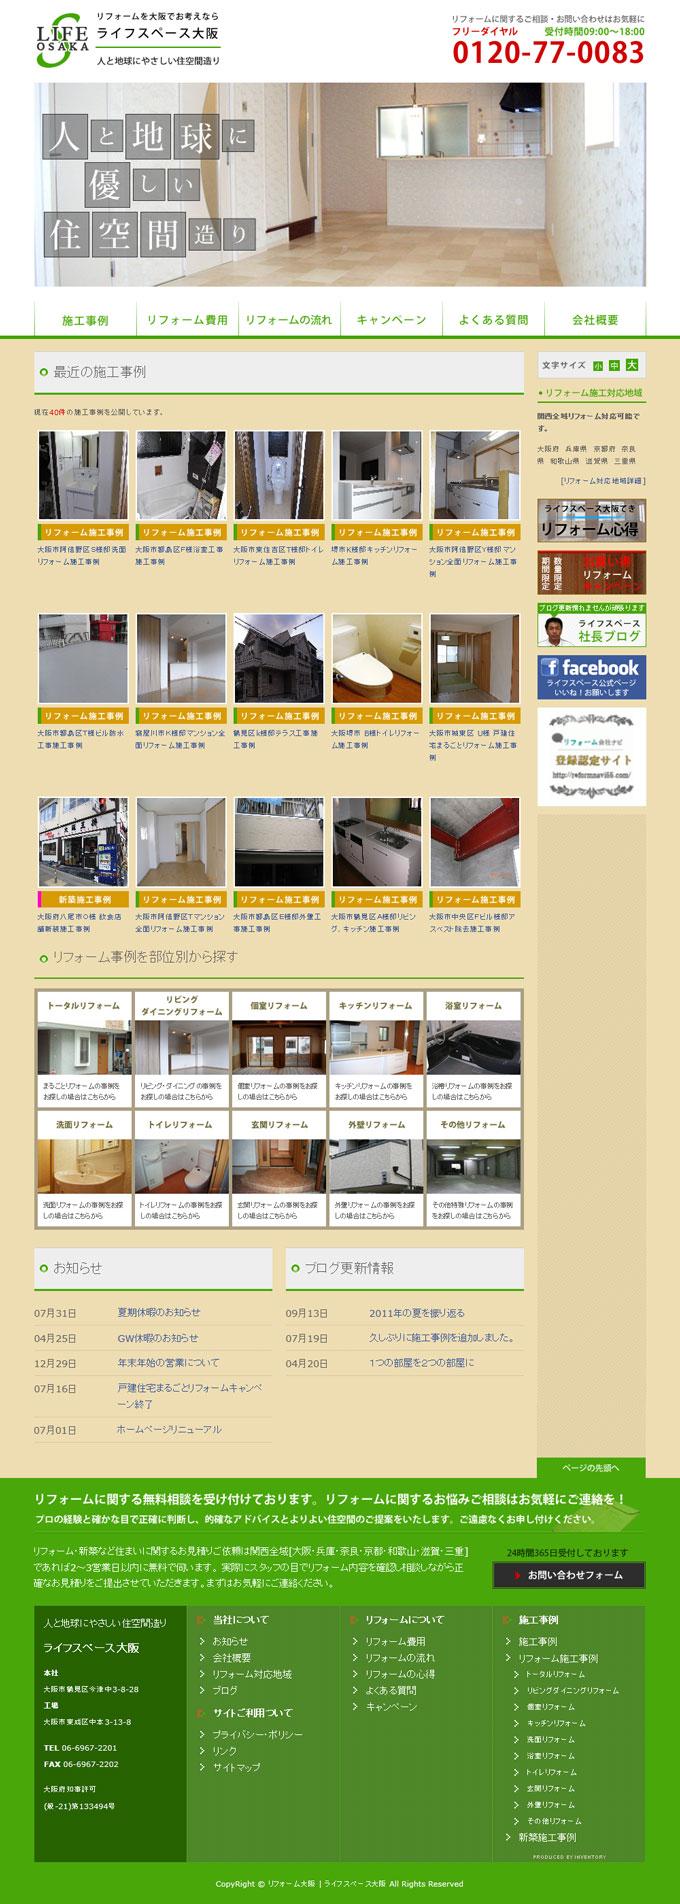 ライフスペース大阪 トップページ